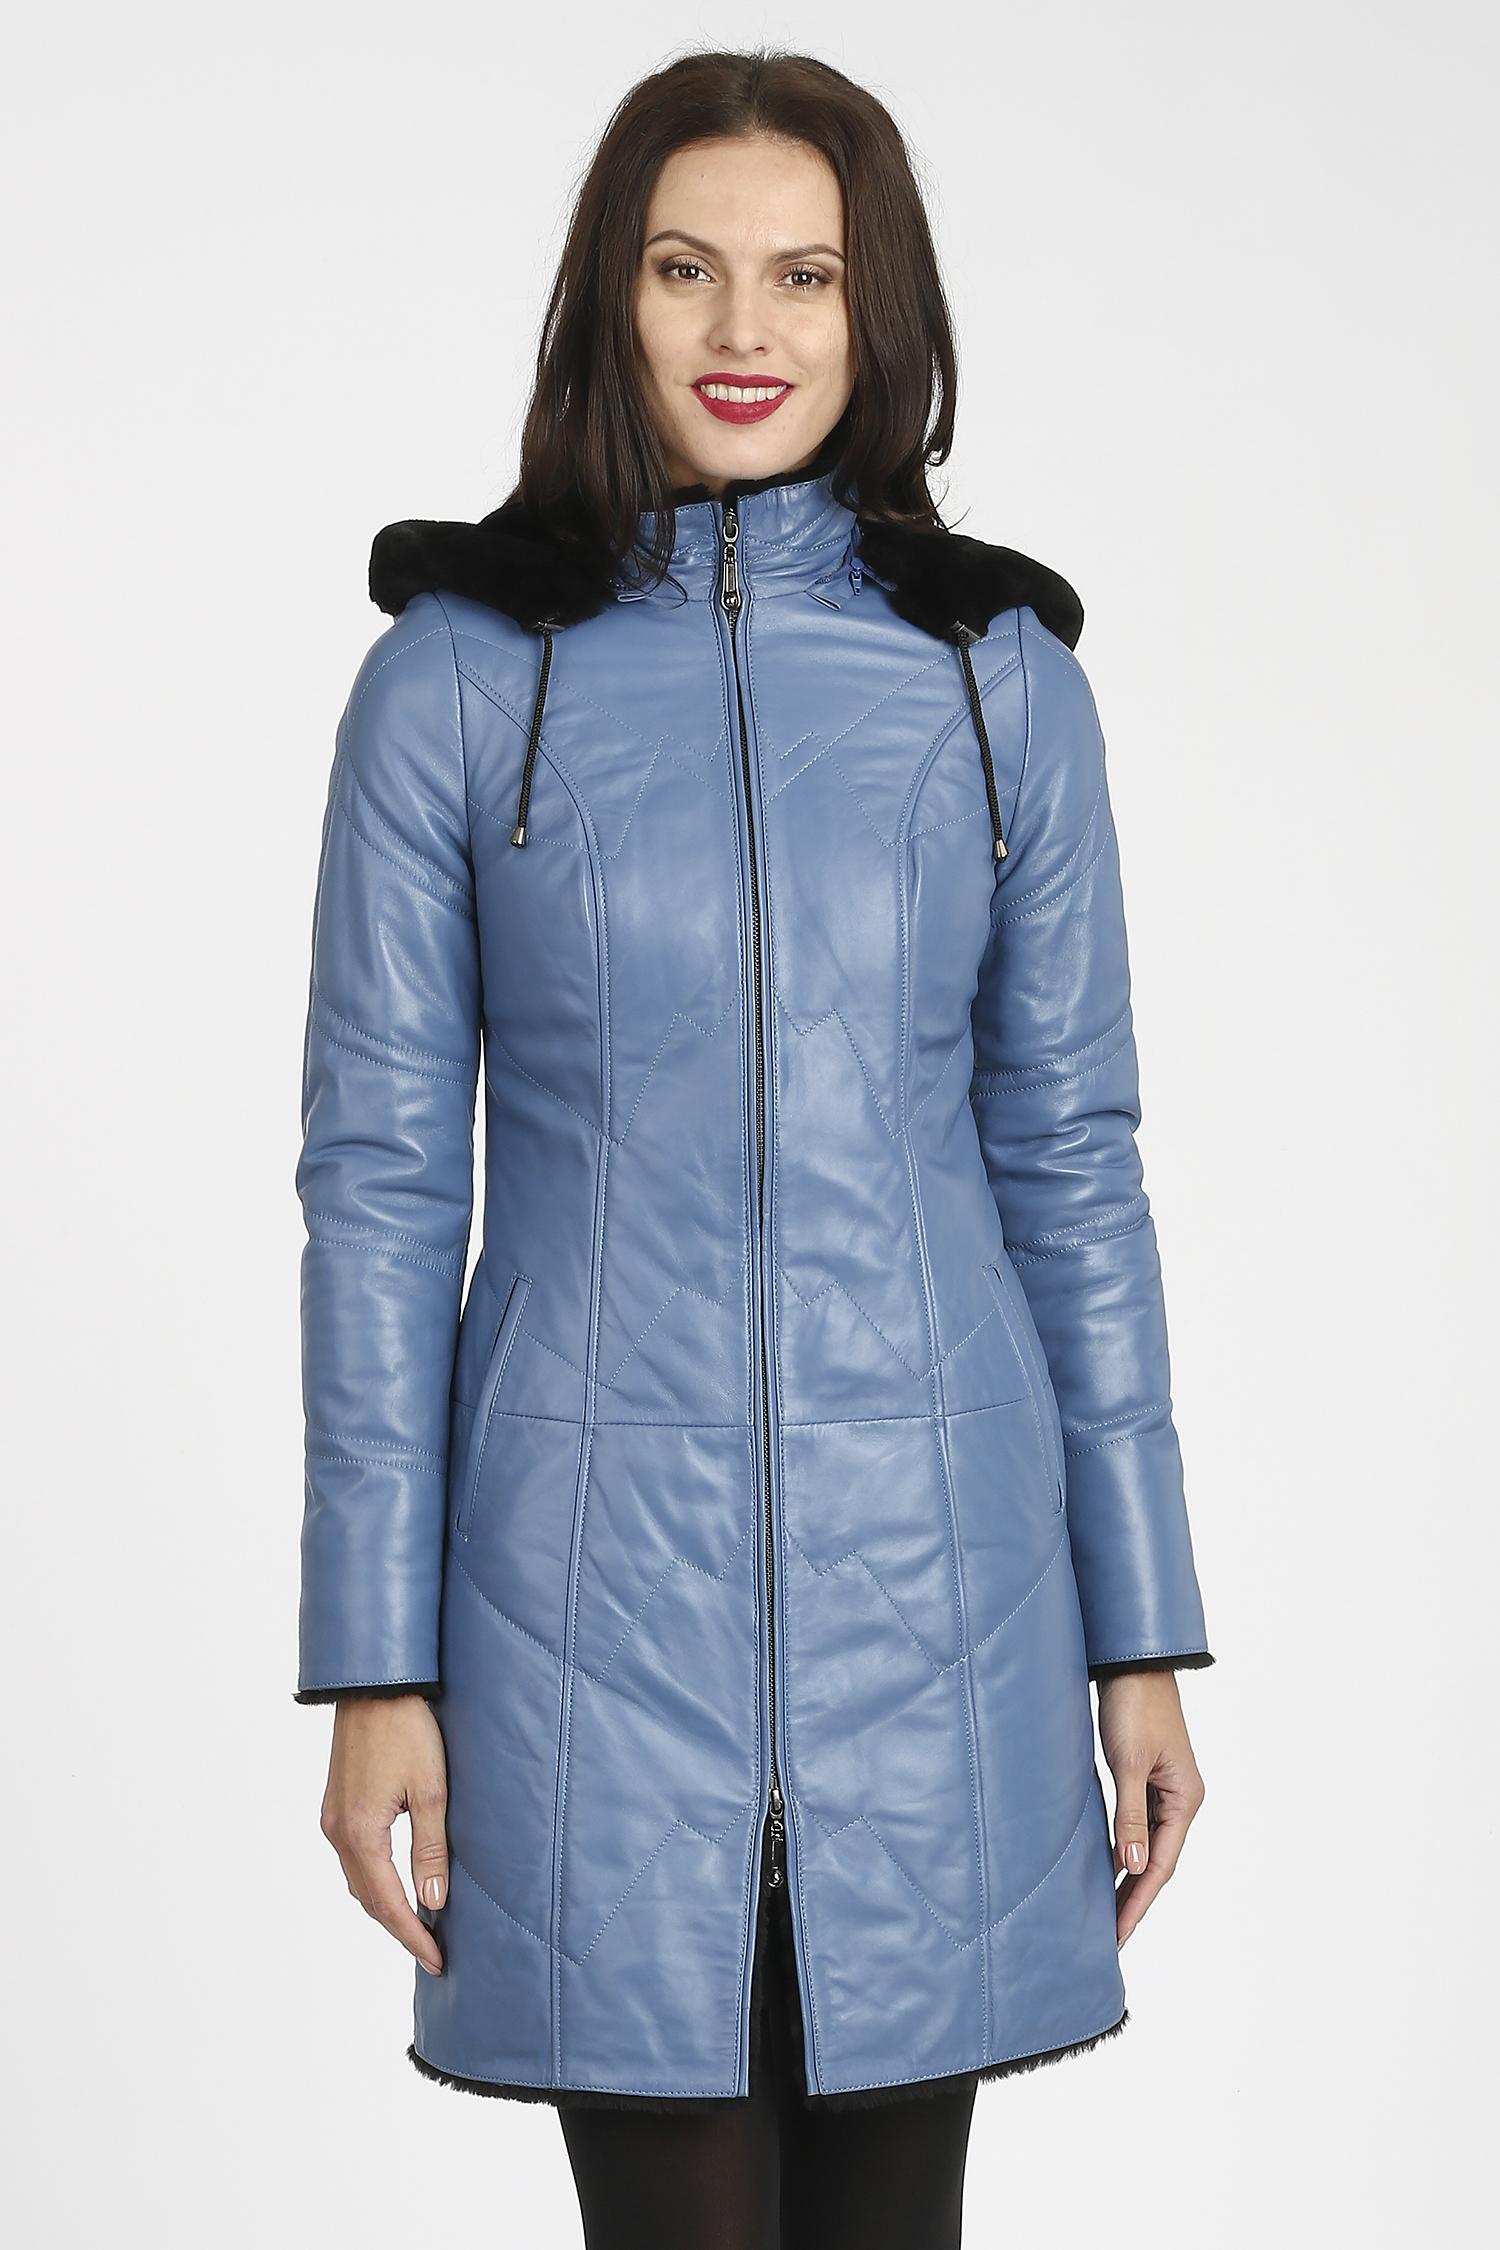 Женское кожаное пальто из натуральной кожи на меху с капюшоном, без отделки